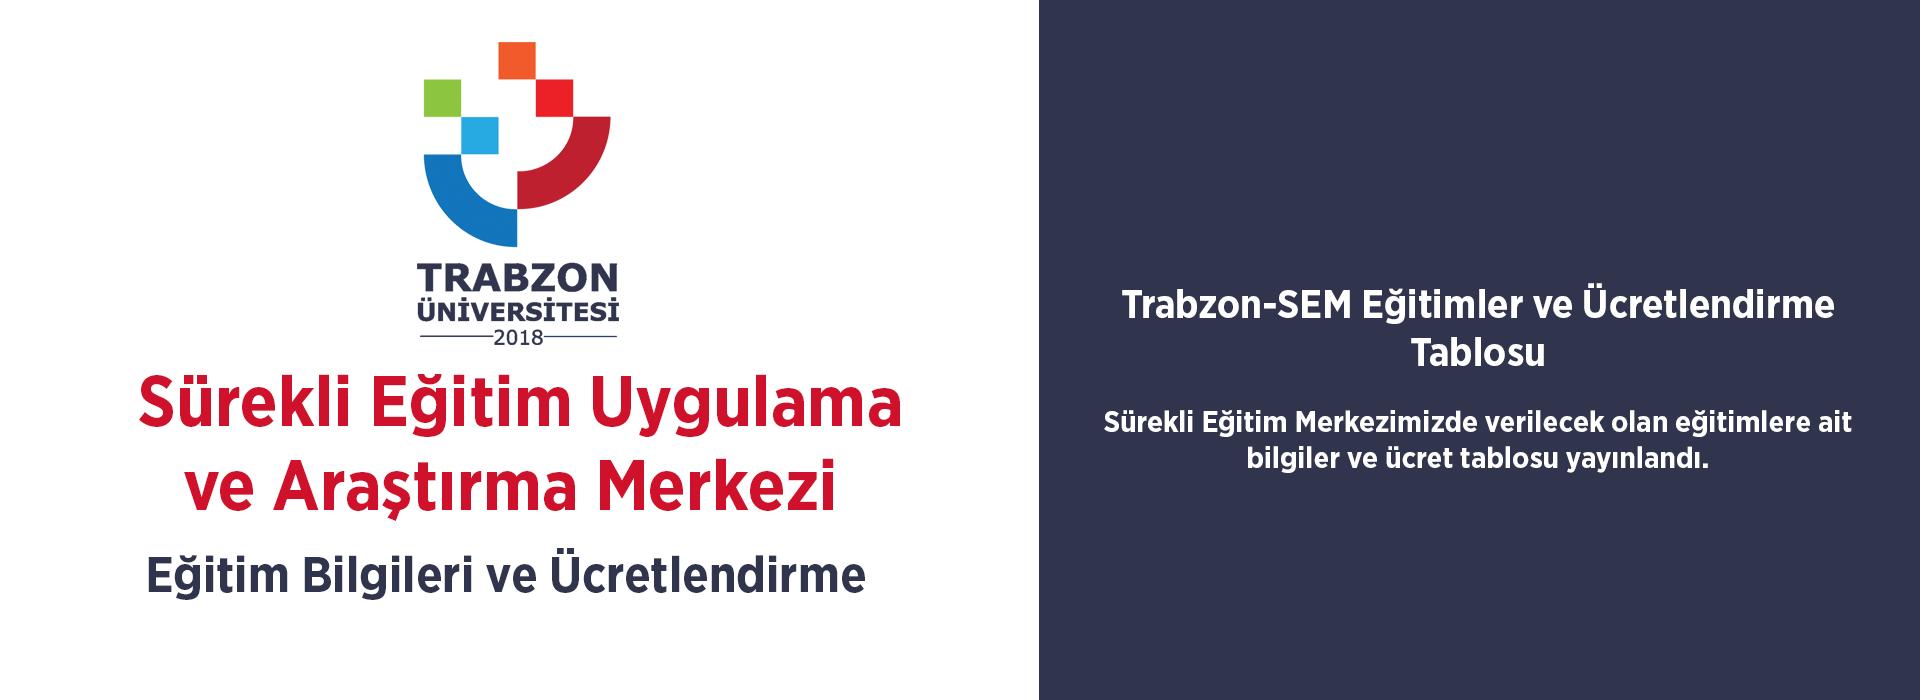 Trabzon-SEM Eğitimler ve Ücretlendirme